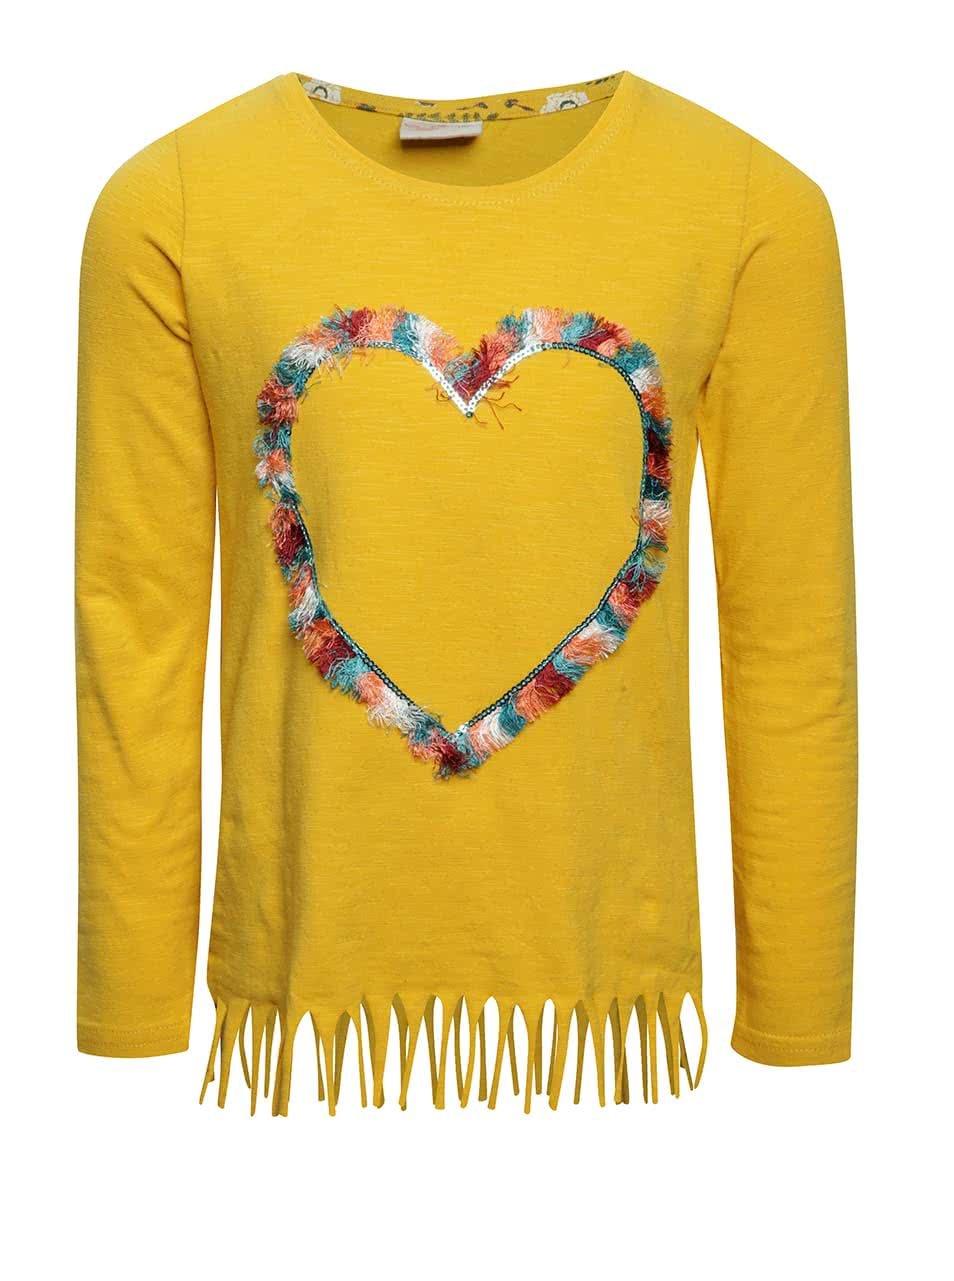 Žluté holčičí tričko s aplikací ve tvaru srdce a třásněmi 5.10.15.